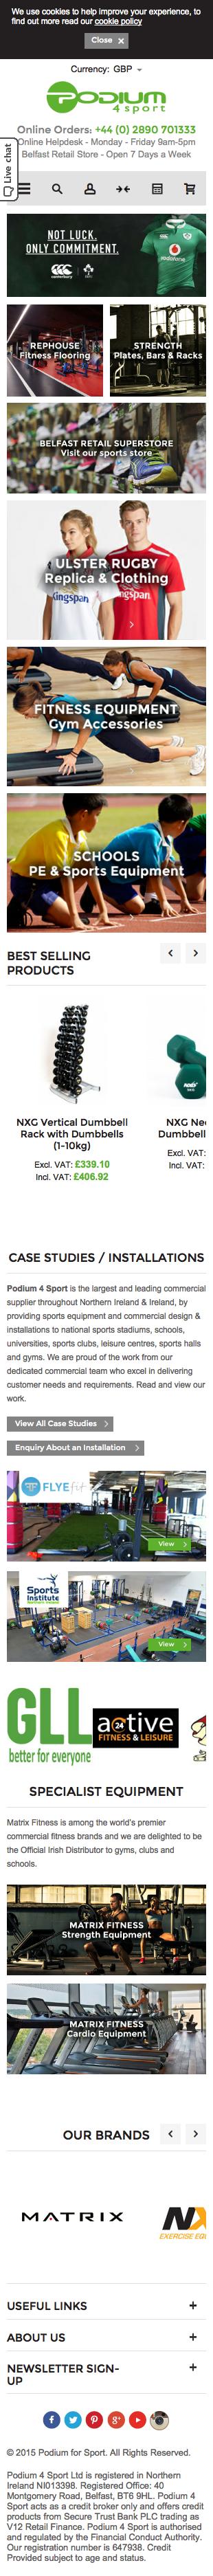 Podium4 Sport